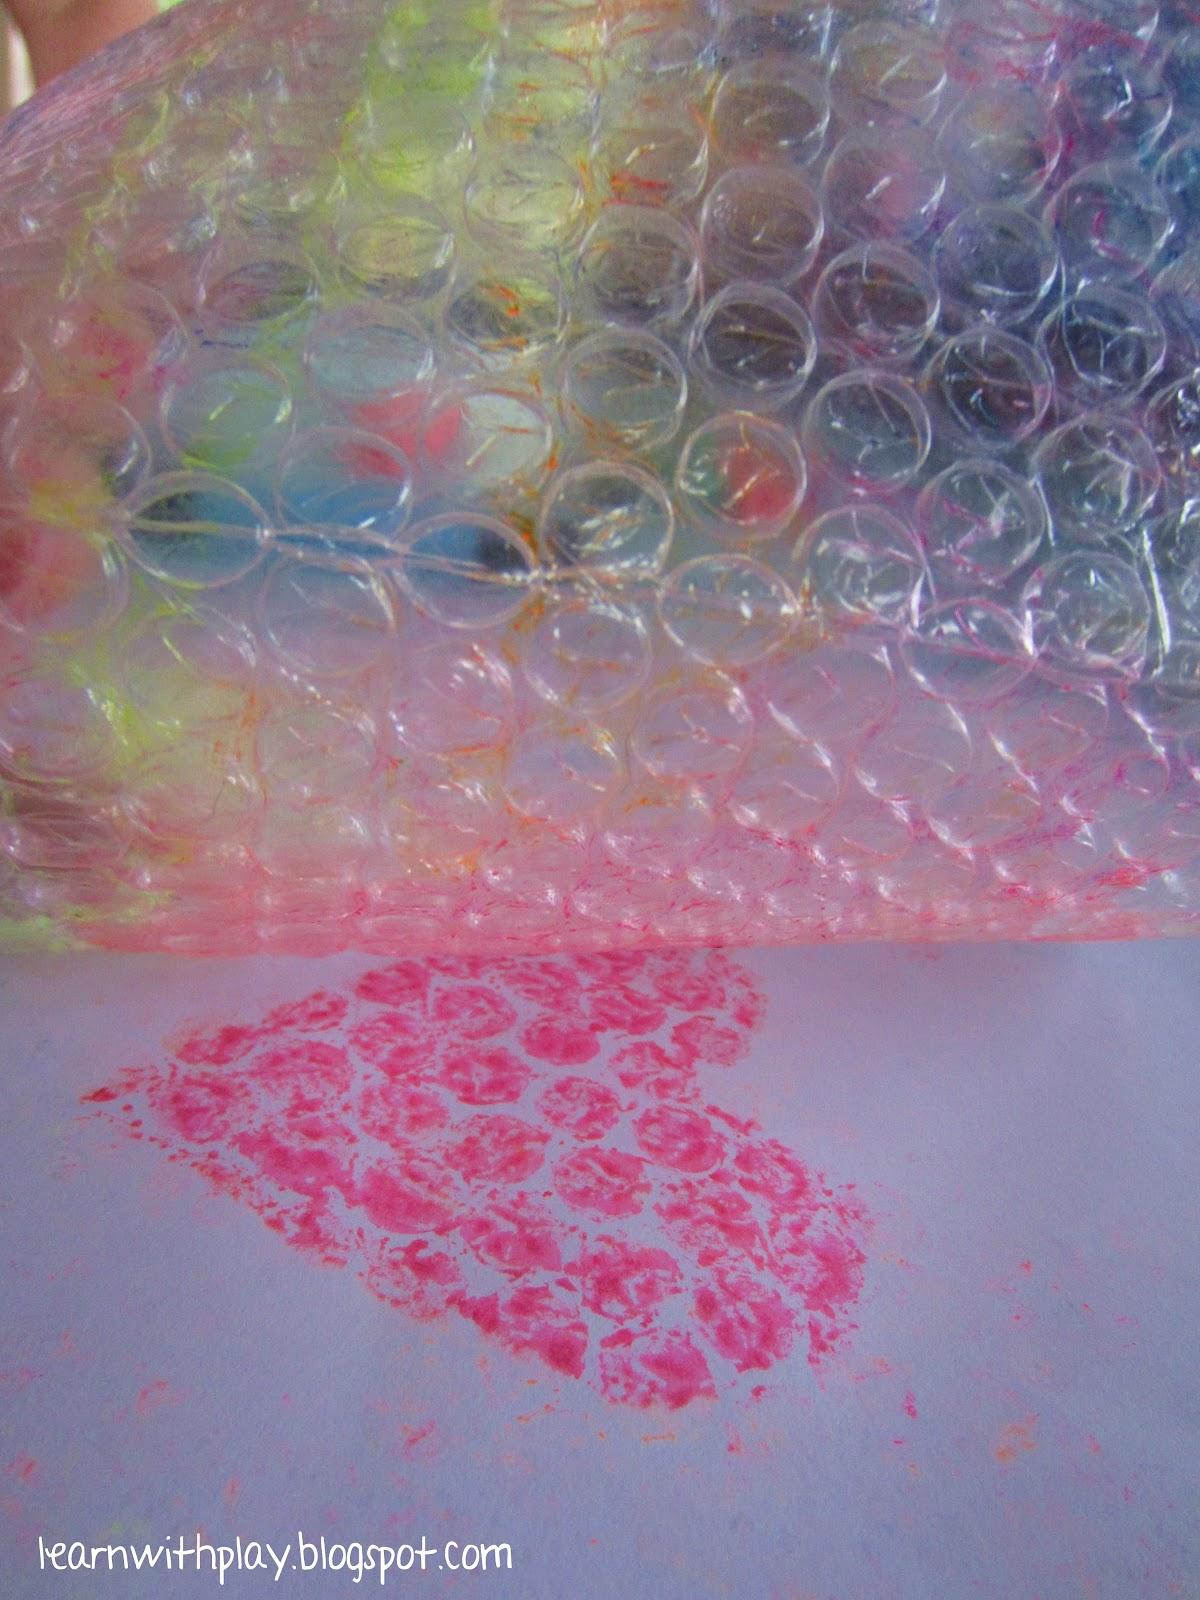 Поделки из упаковочной пленки с пузырьками